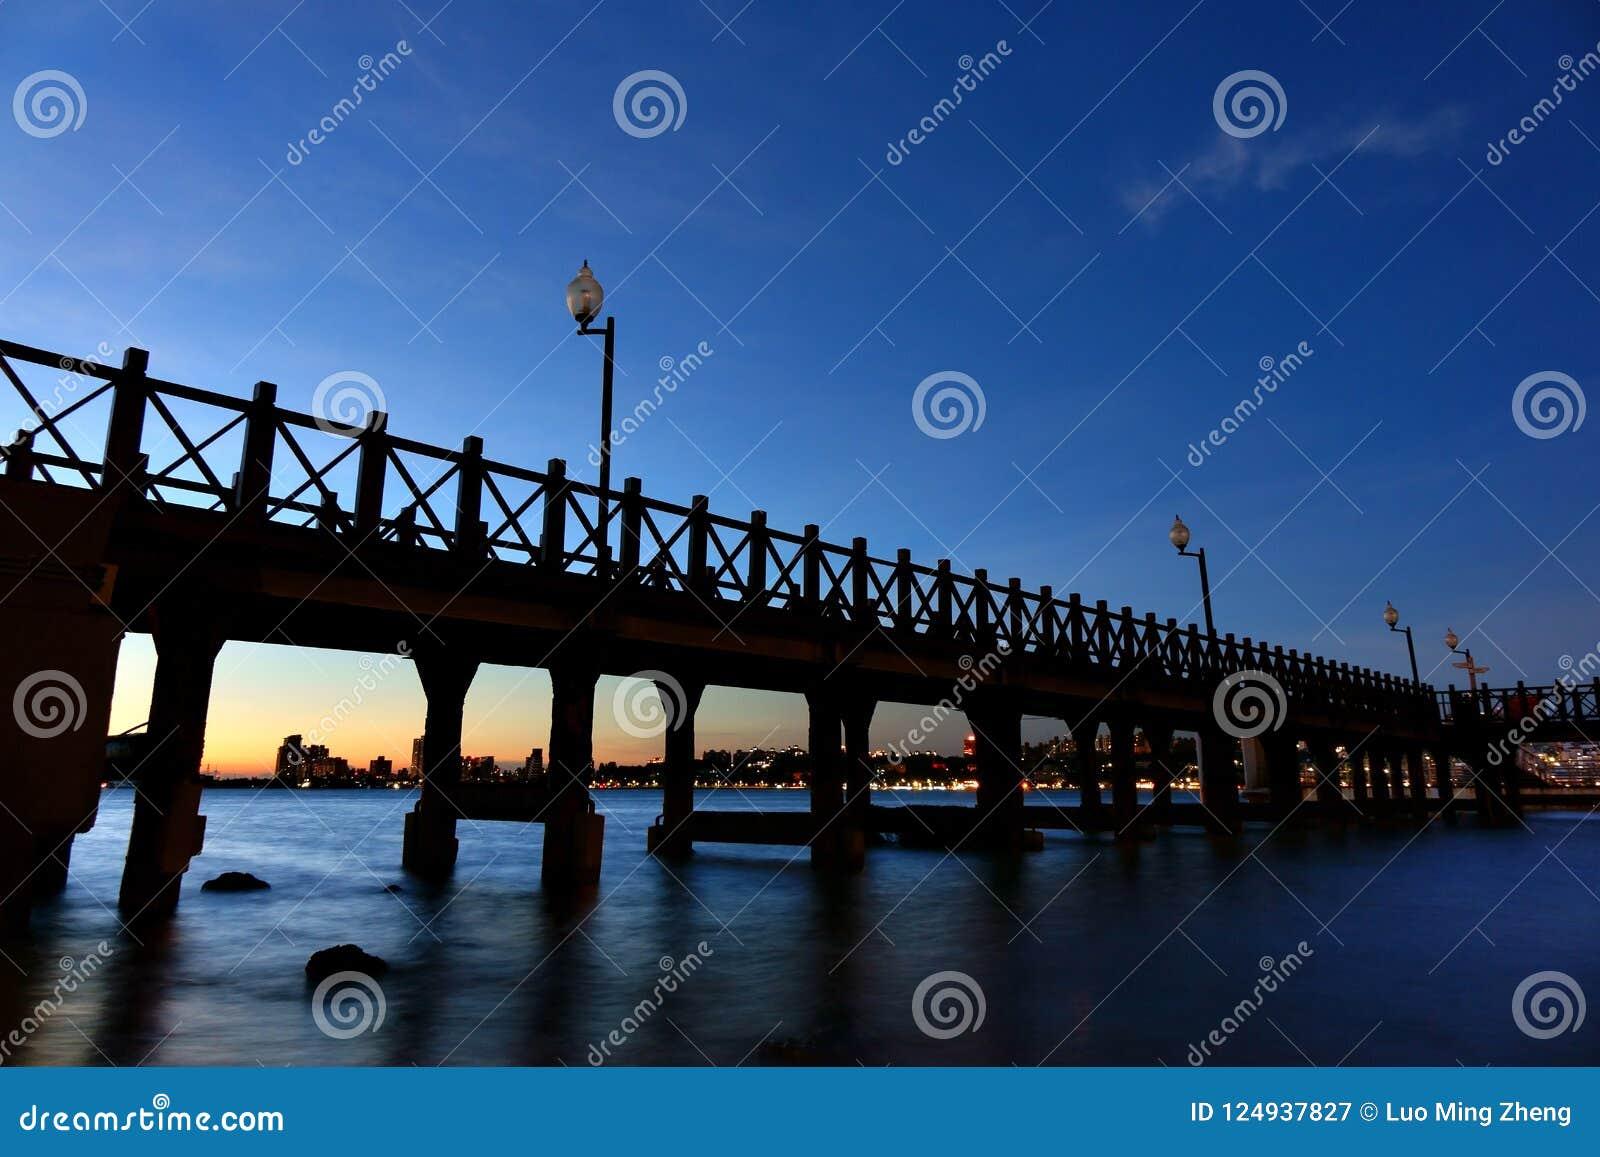 Opinión de la noche de la silueta de madera de la calzada con paisaje urbano en riverbank